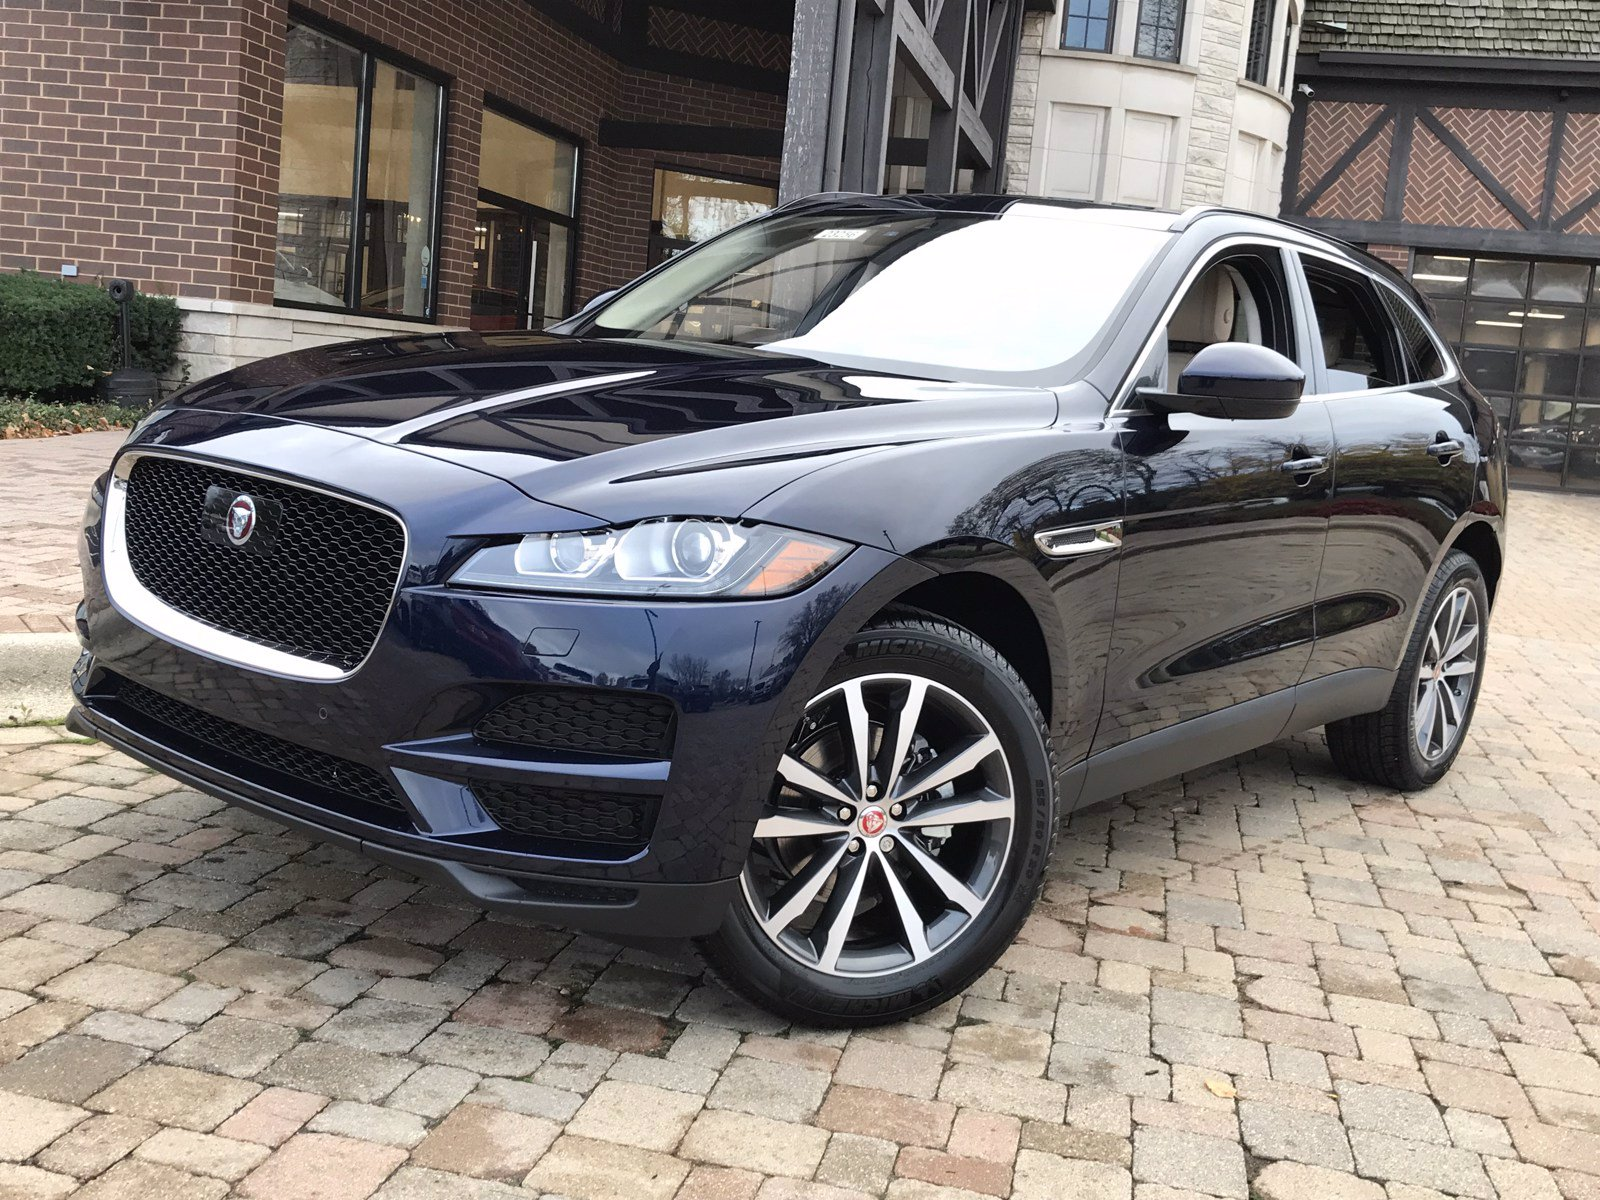 New 2020 Jaguar F Pace Prestige In Portofino Blue For Sale Near Chicago Il